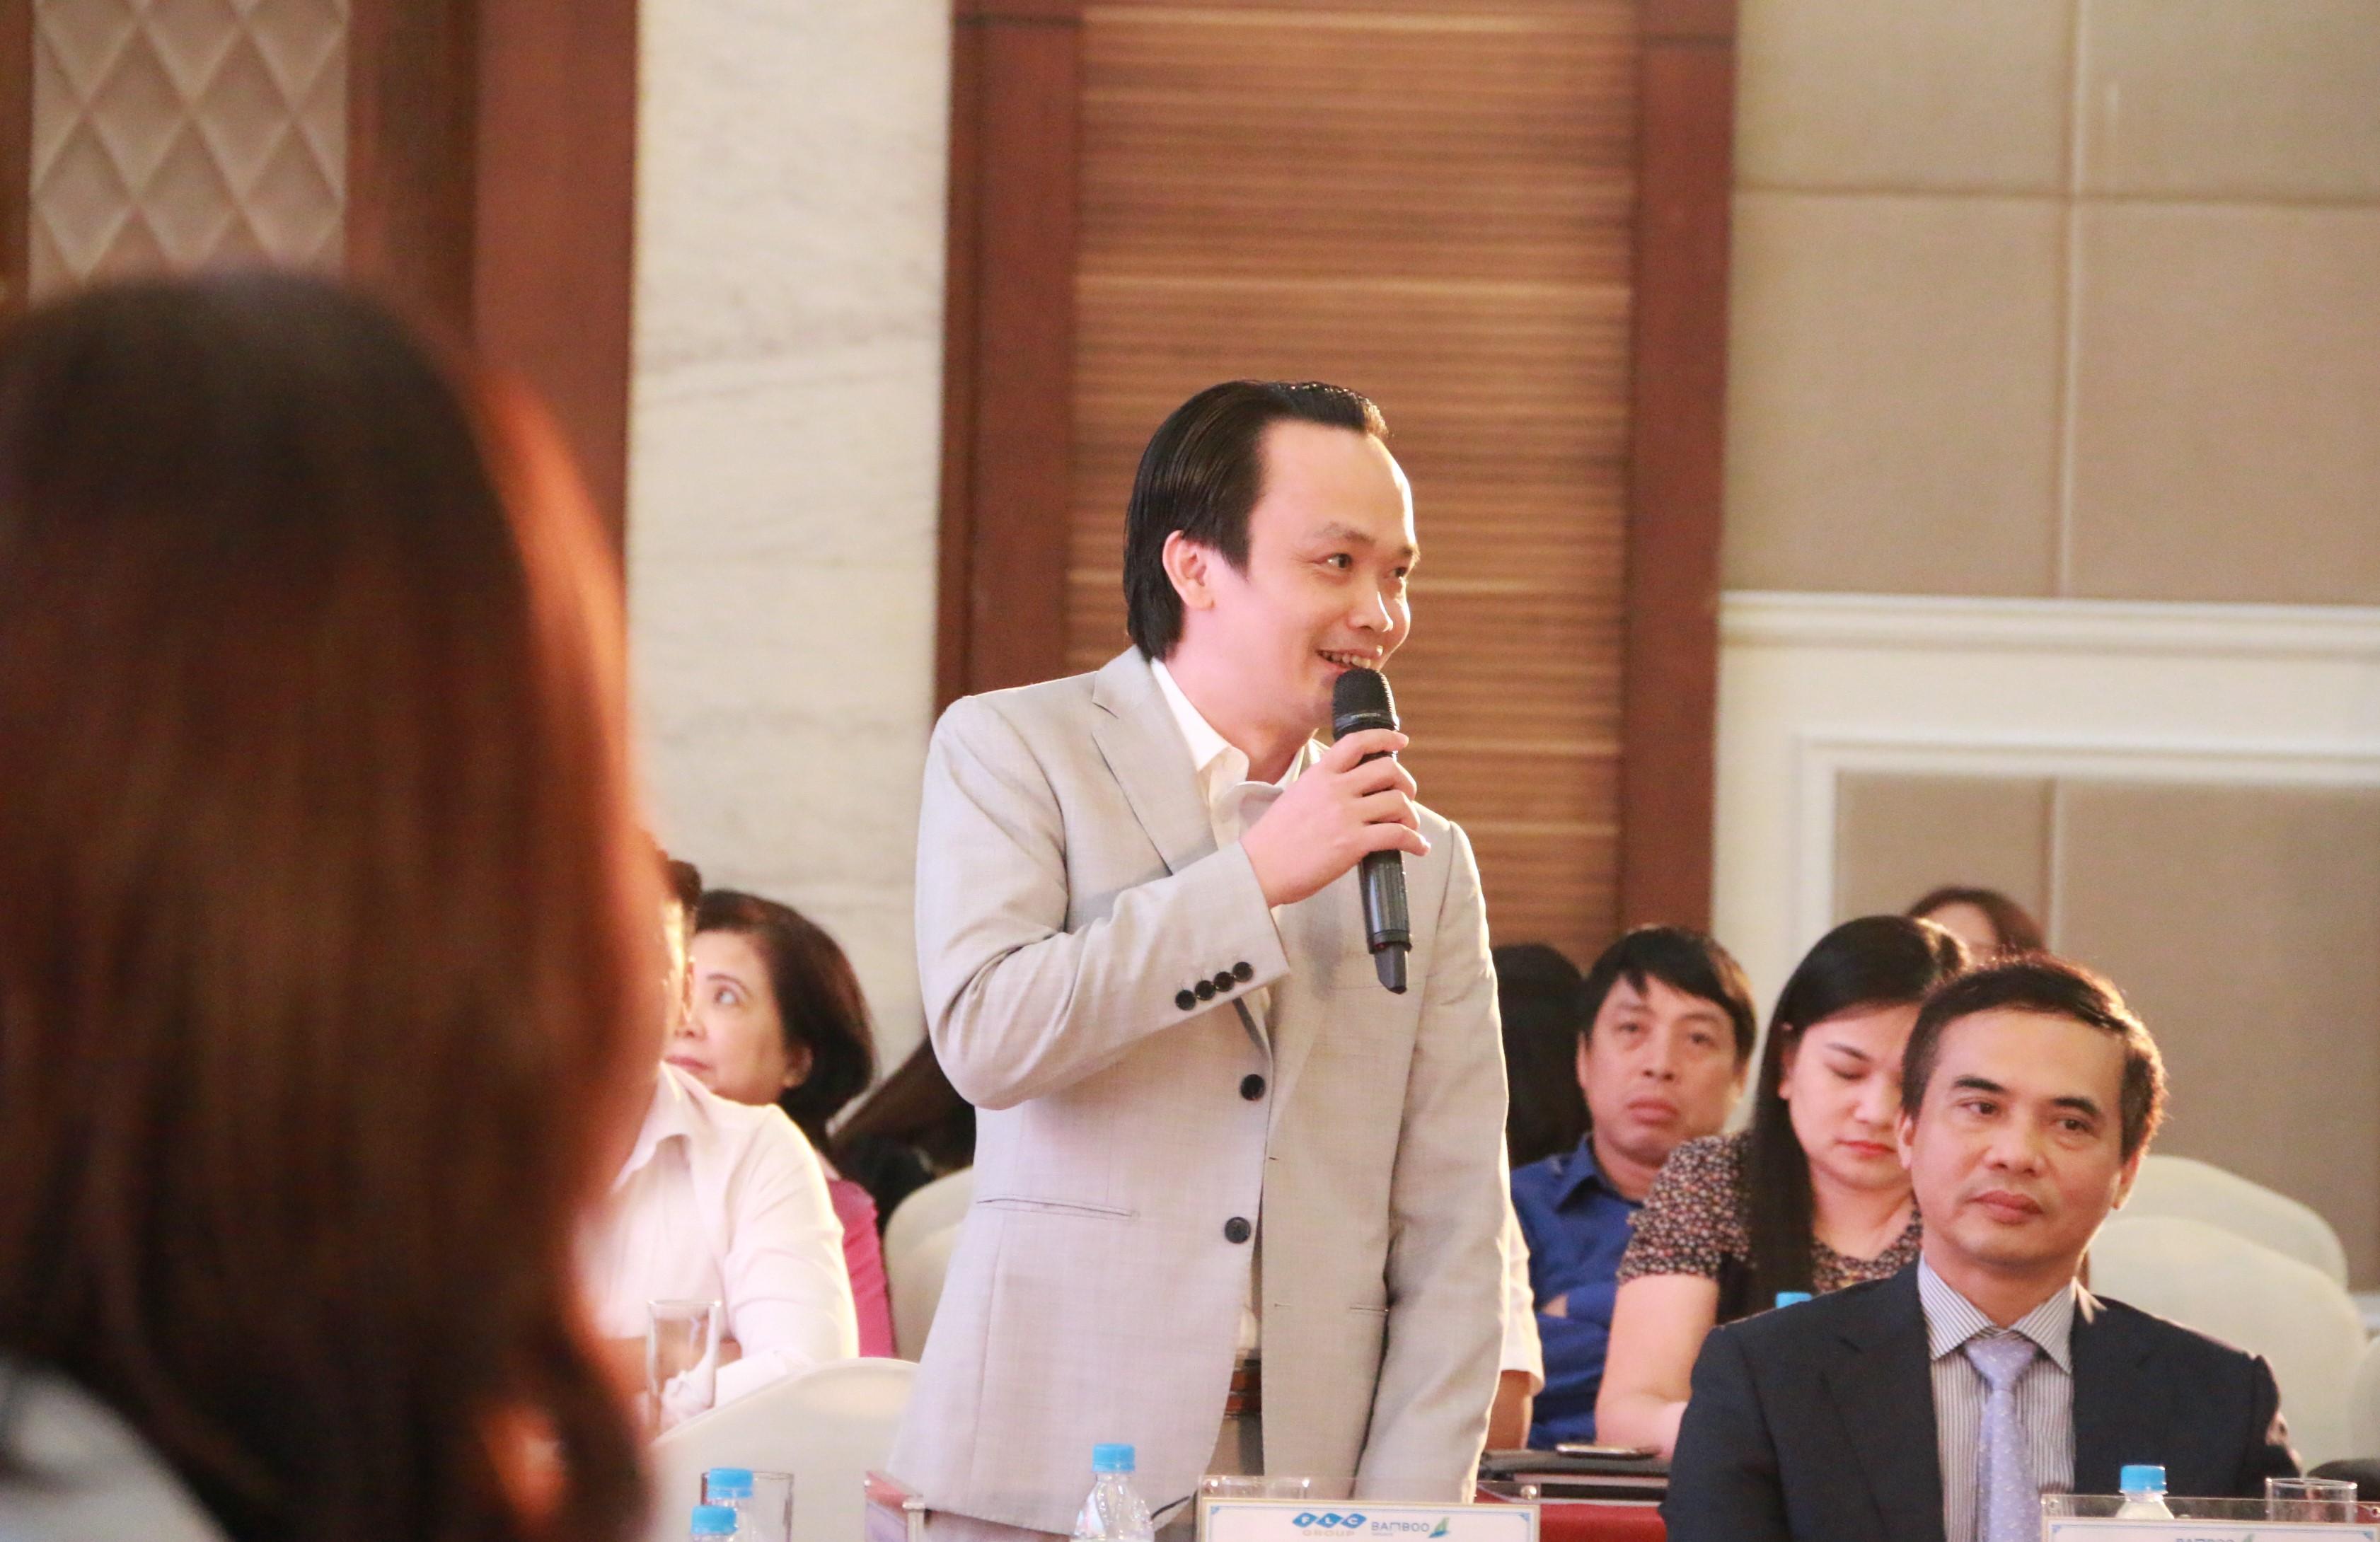 'Nếu Bamboo Airways lên sàn với giá 60 thì FLC thành công lớn vì giá vốn đầu tư chỉ là 10' - Ảnh 2.